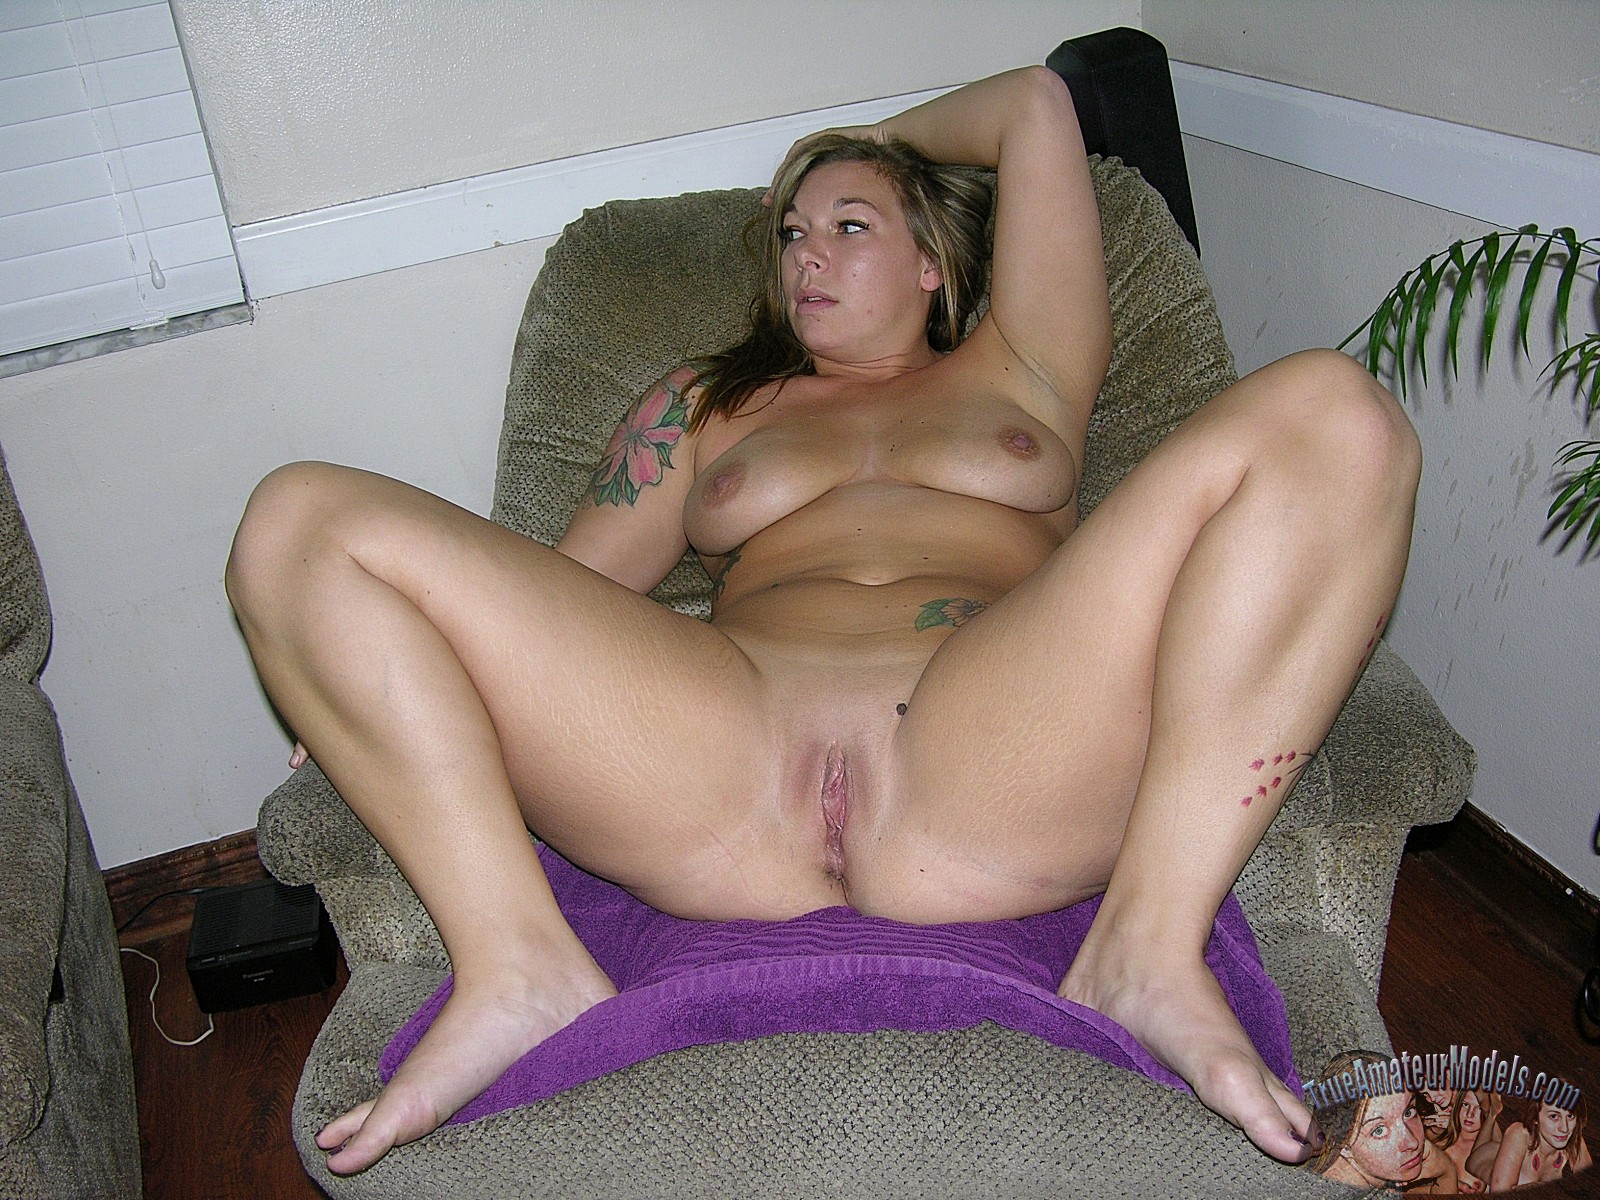 Amateur naked mom models